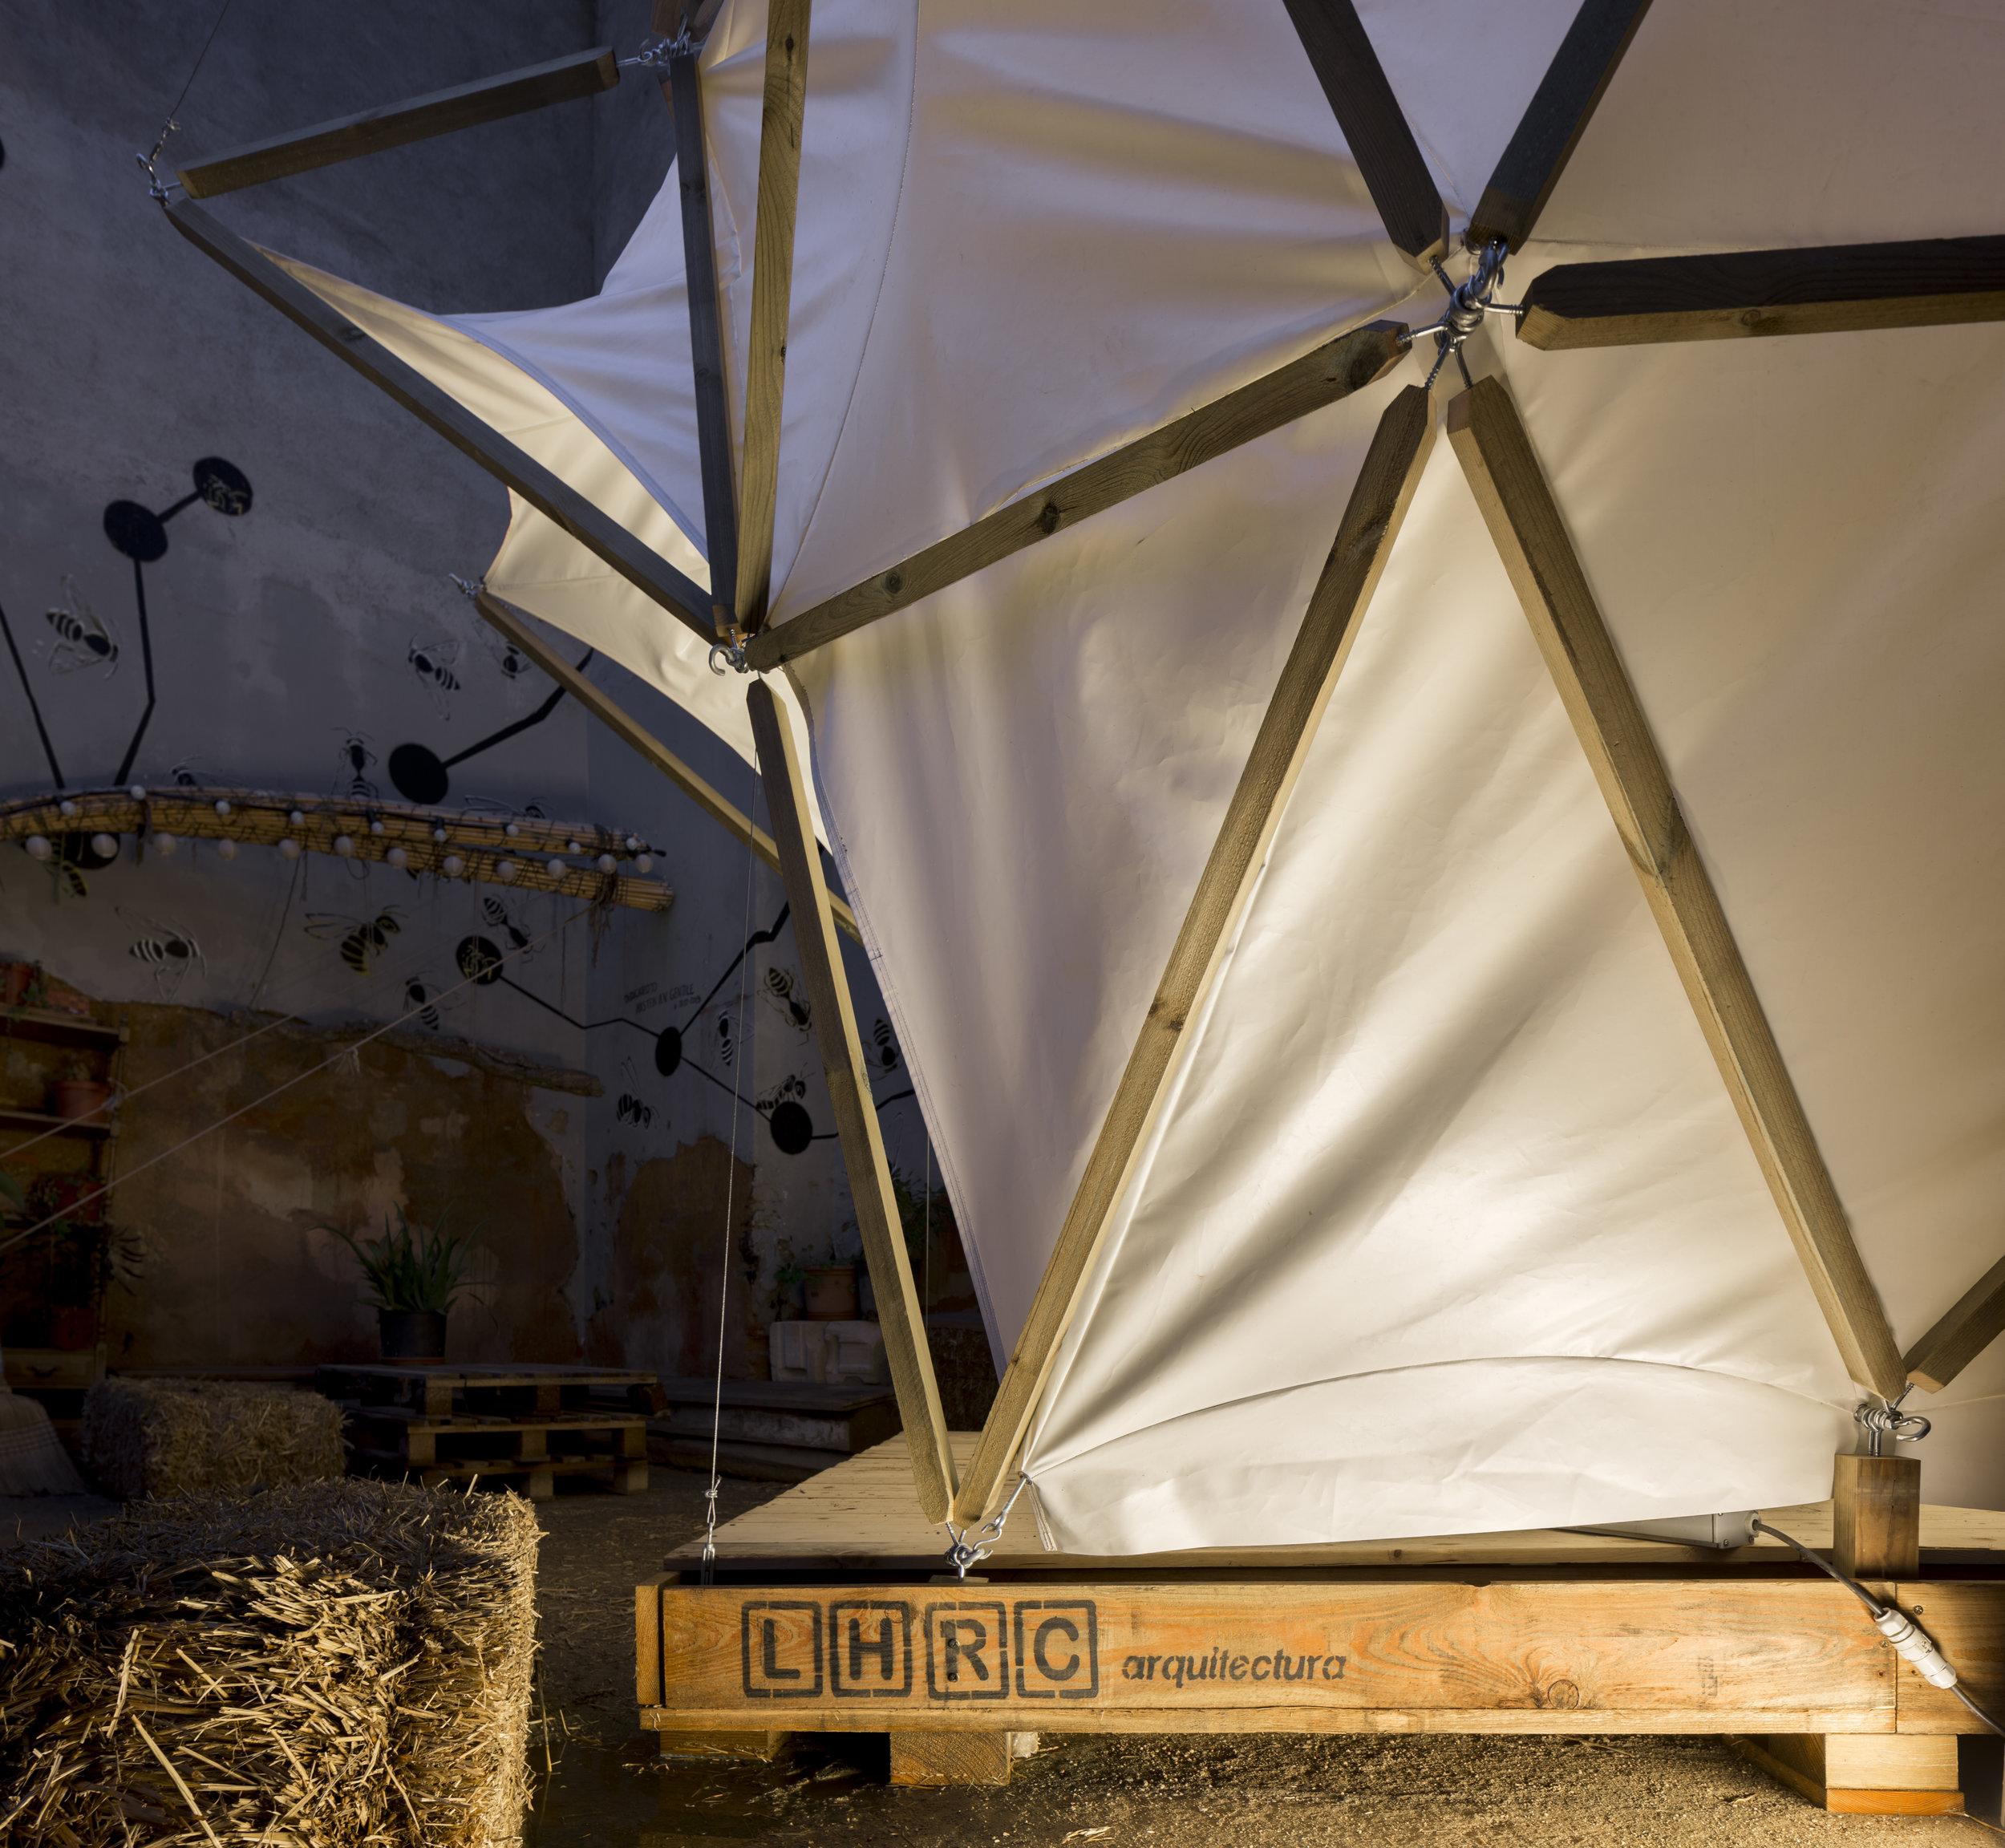 Membrane-House-LHRC-09-SG1673_4688-2.jpg